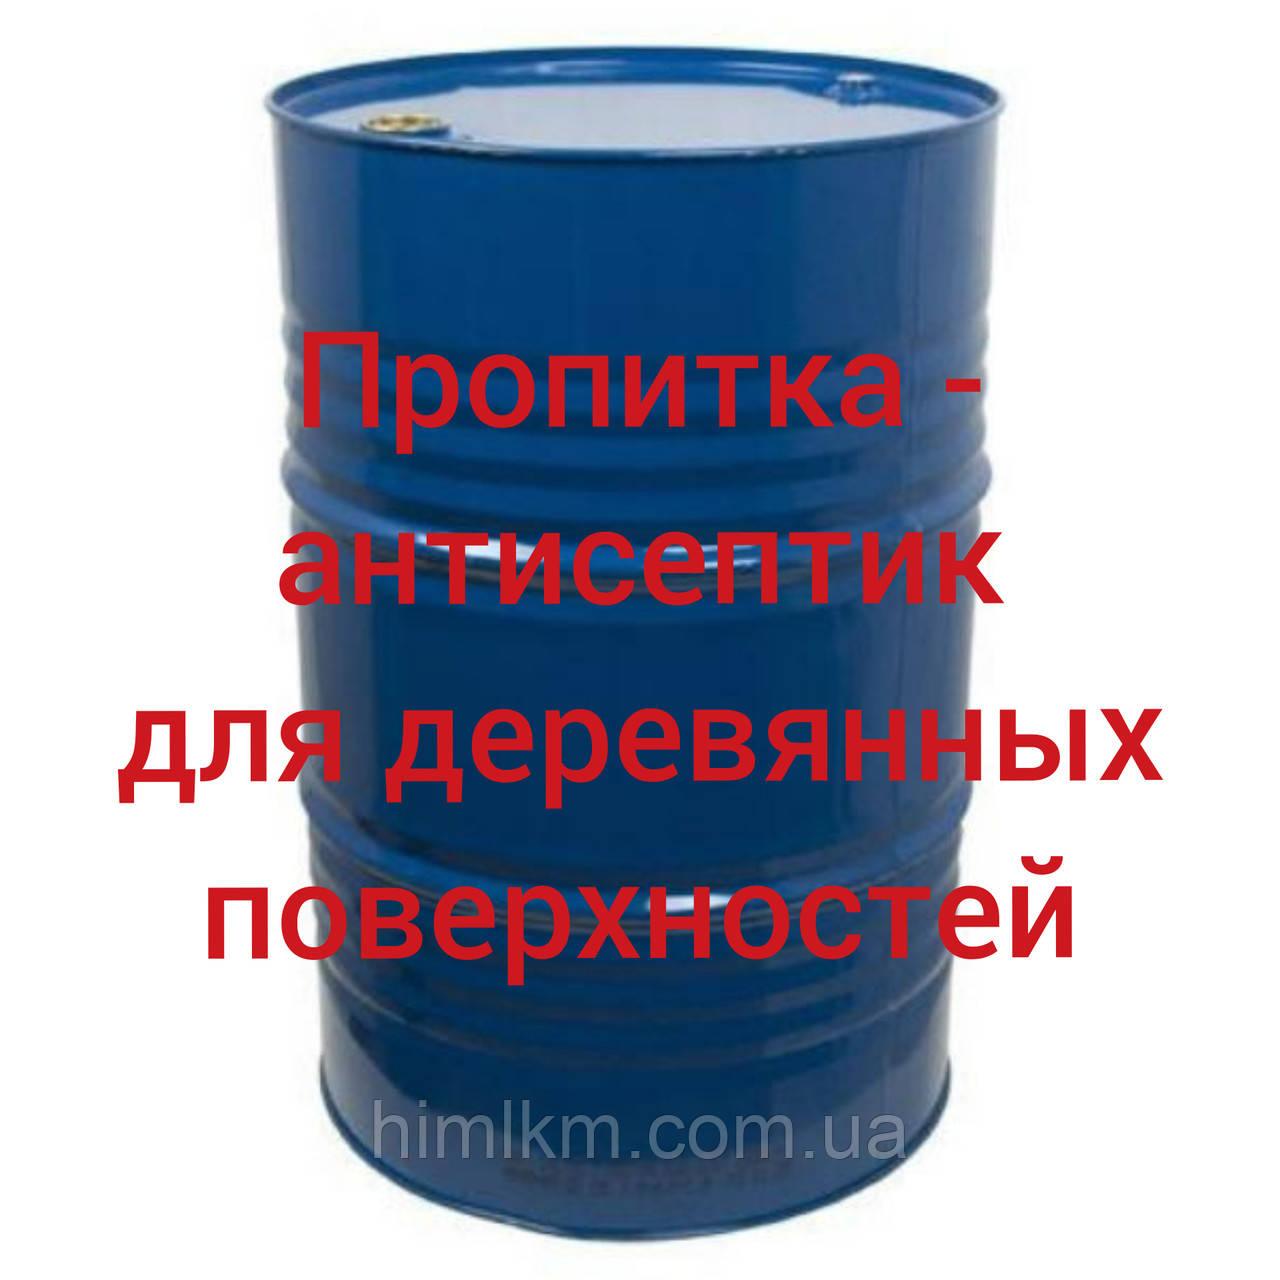 Пропитка-антисептик для всех типов деревянных поверхностей